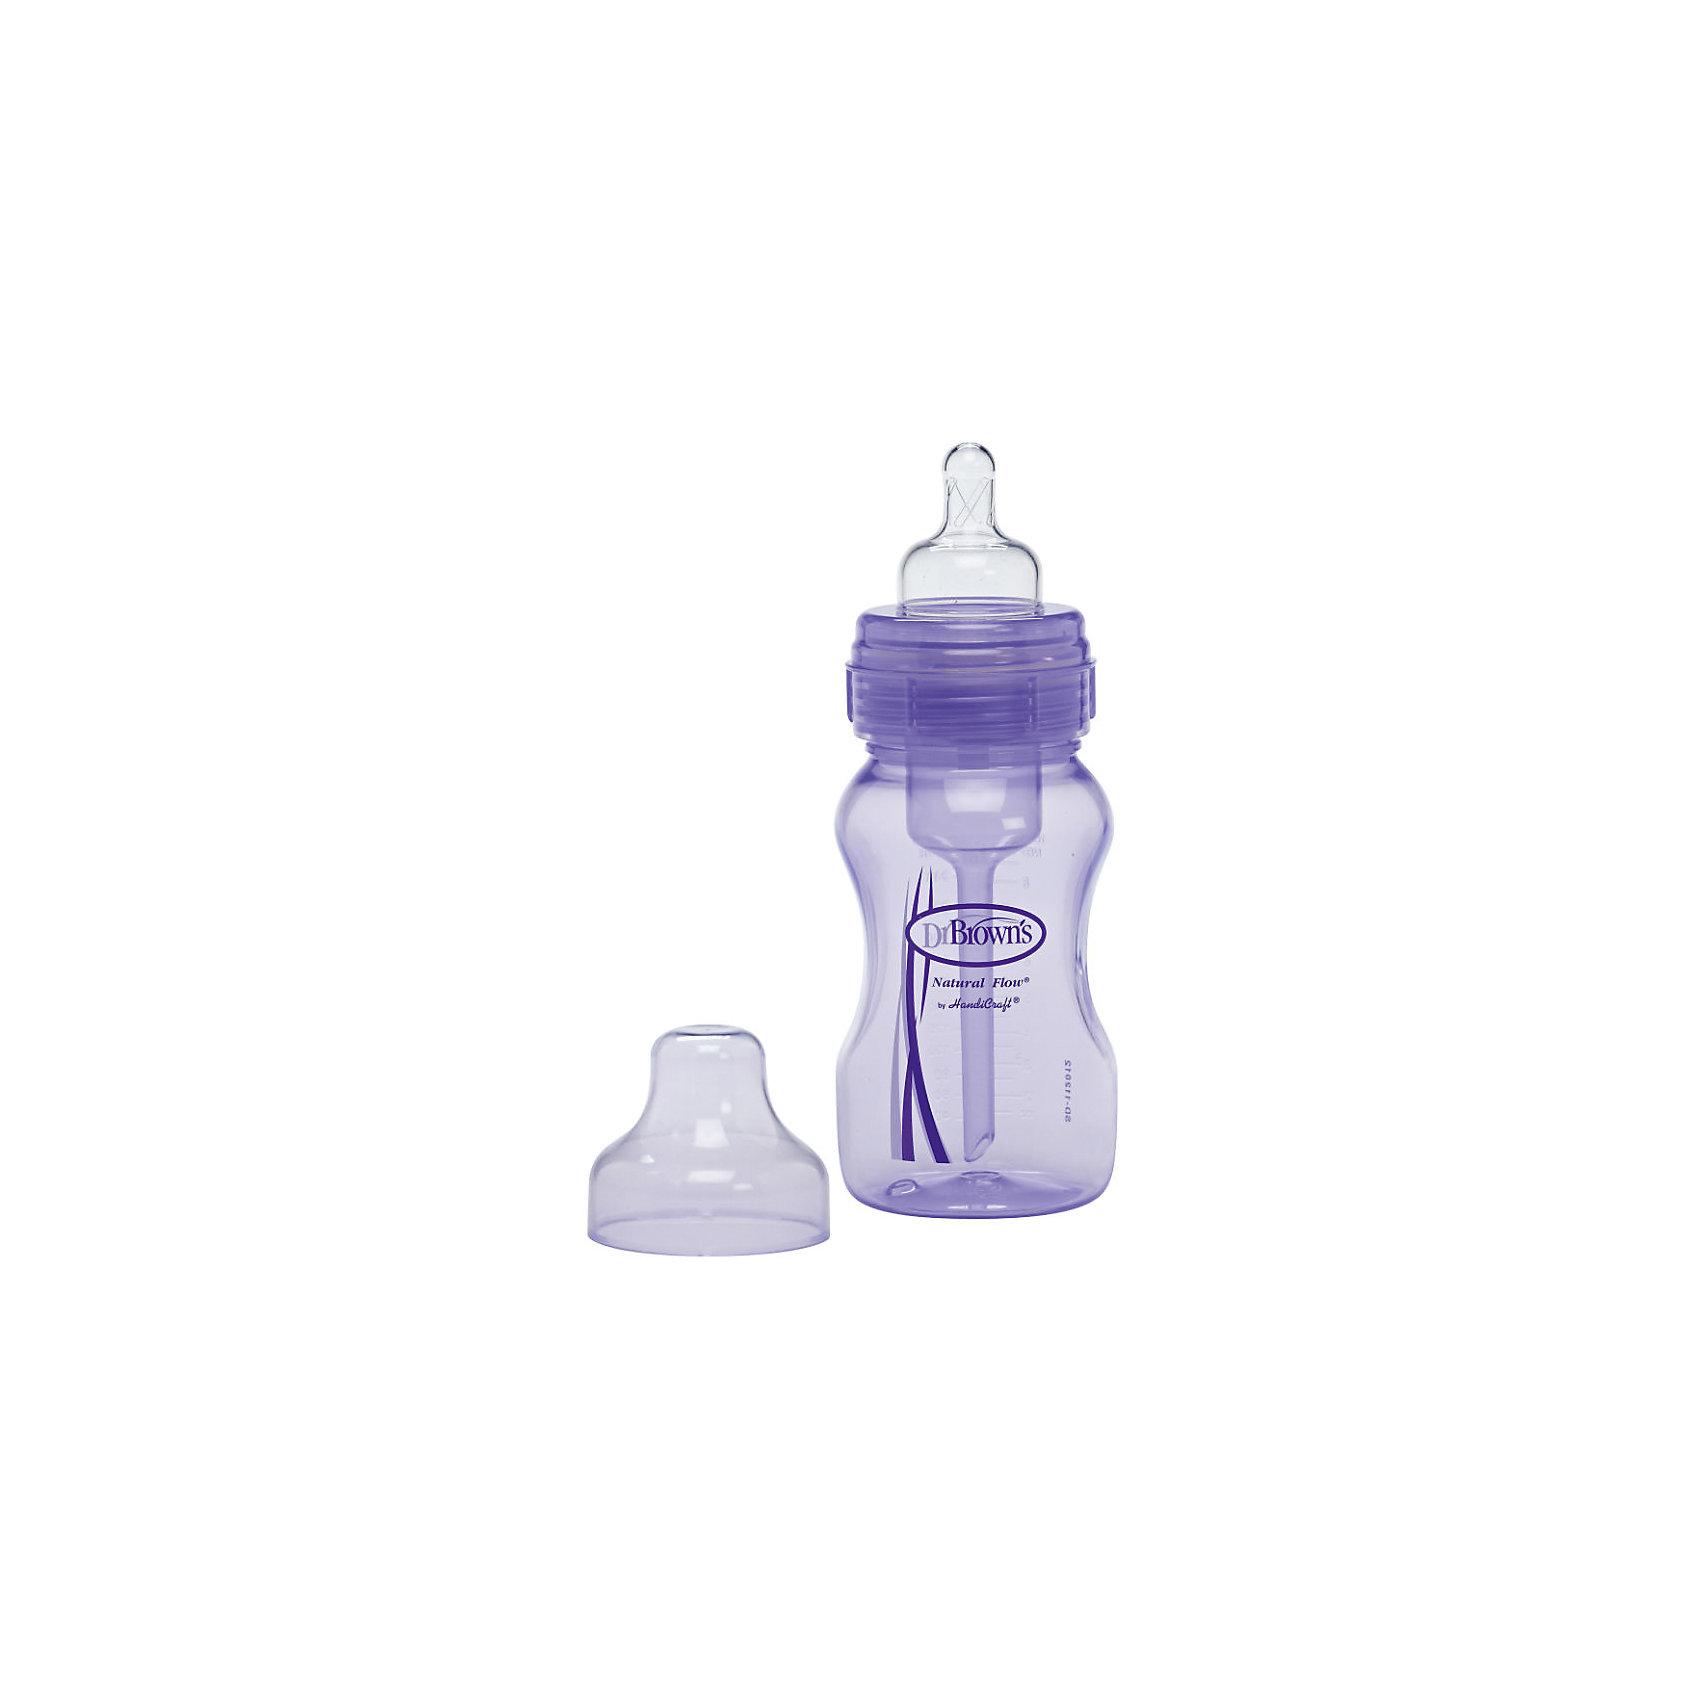 Бутылочка с широким горлышком 240 мл, Dr. Brown, лавандоваяБутылочка для кормления малыша с широким горлышком, создает условия, аналогичные кормлению грудью. Бутылочка прекрасно подойдет для смешенного и искусственного вскармливания, а уникальная вентиляционная система сведет к минимуму контакт воздуха с грудным молоком, сохраняя такие важные питательные вещества как витамины С, А и Е.<br><br>Дополнительная информация:<br><br>- Возраст: от 0 до 3 месяцев.<br>- Объем: 240 мл.<br>- Материал: полипропилен.<br>- Цвет: лавандовый.<br><br>Купить бутылочку с широким горлышком 240 мл., в лавандовом цвете, от Dr. Brown, можно в нашем магазине.<br><br>Ширина мм: 70<br>Глубина мм: 70<br>Высота мм: 227<br>Вес г: 154<br>Возраст от месяцев: -2147483648<br>Возраст до месяцев: 2147483647<br>Пол: Унисекс<br>Возраст: Детский<br>SKU: 4796746